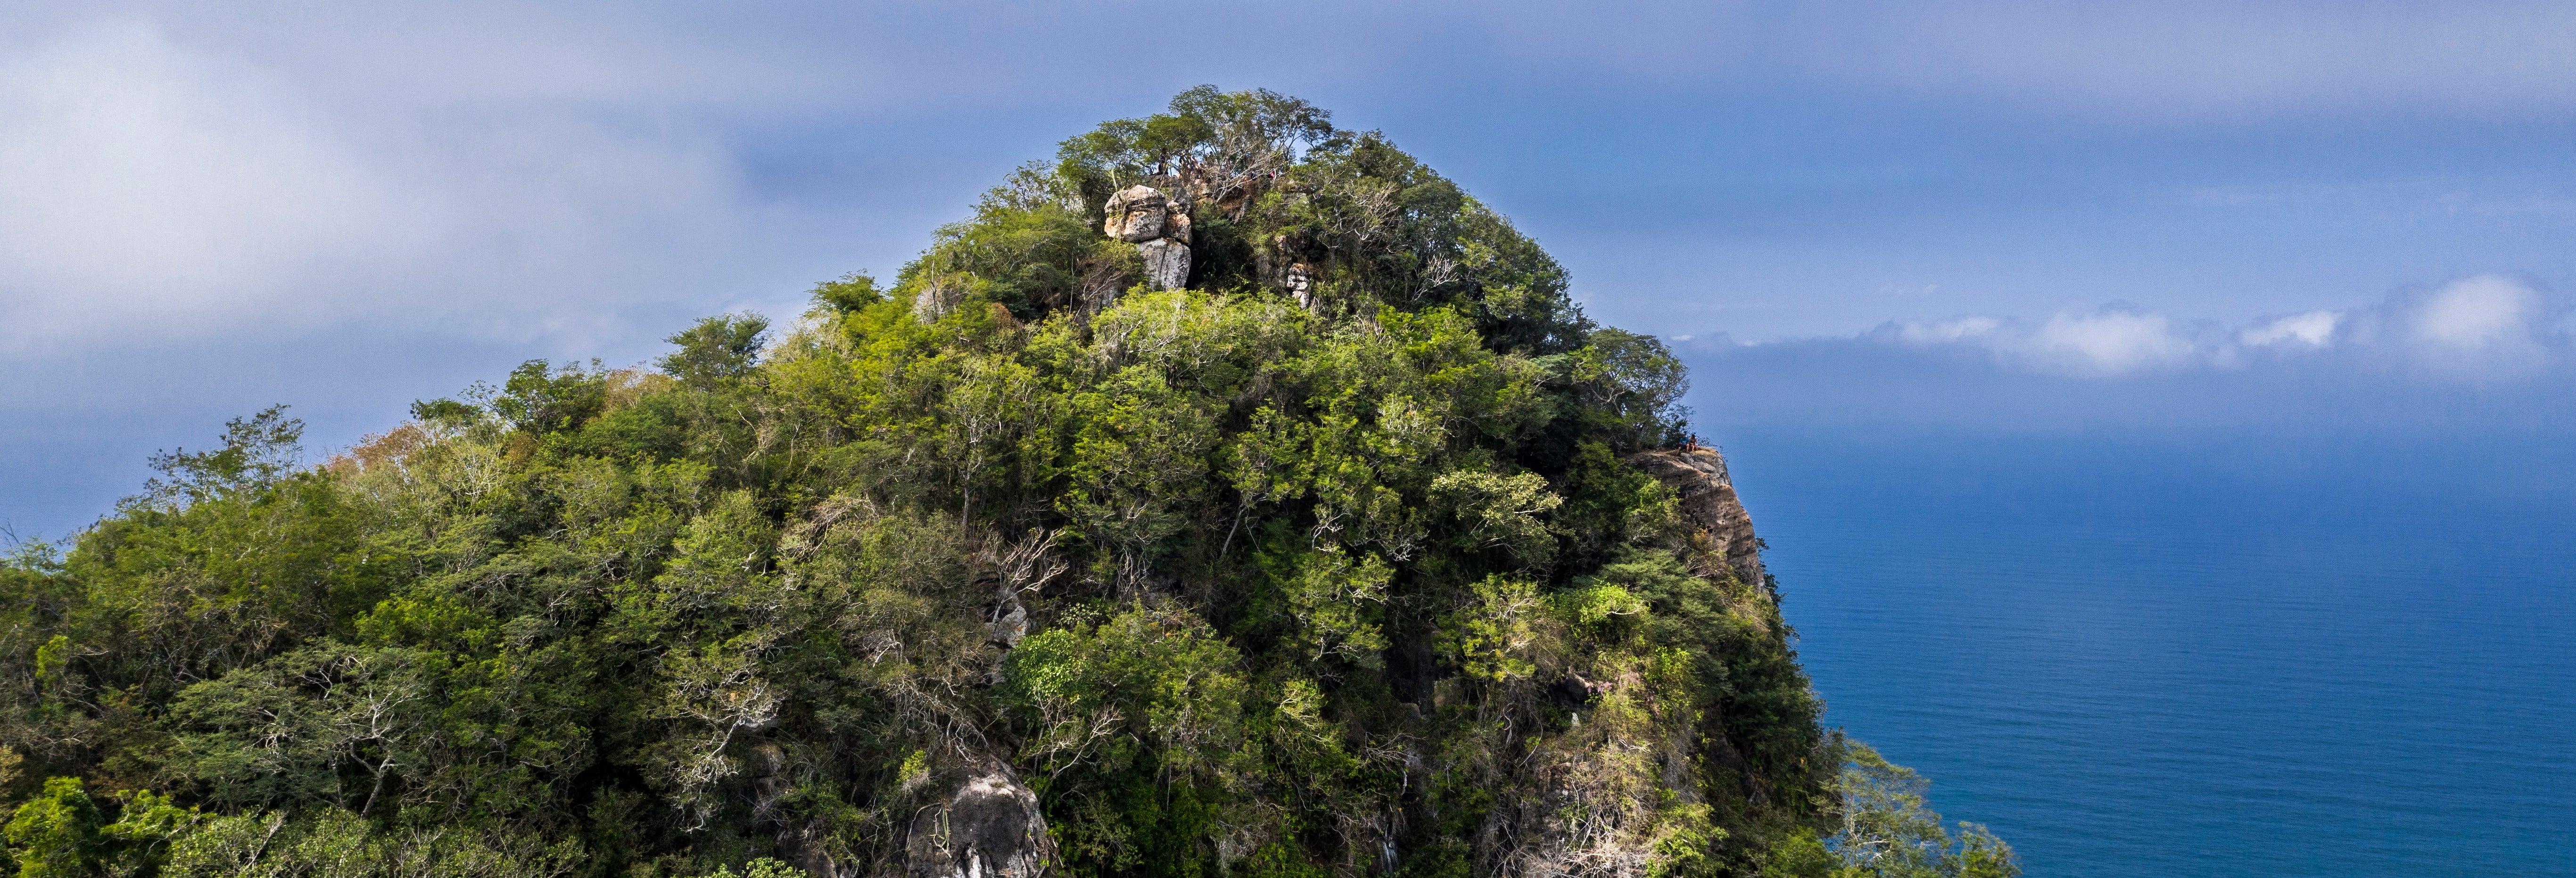 Trilha pelo Cerro del Mono